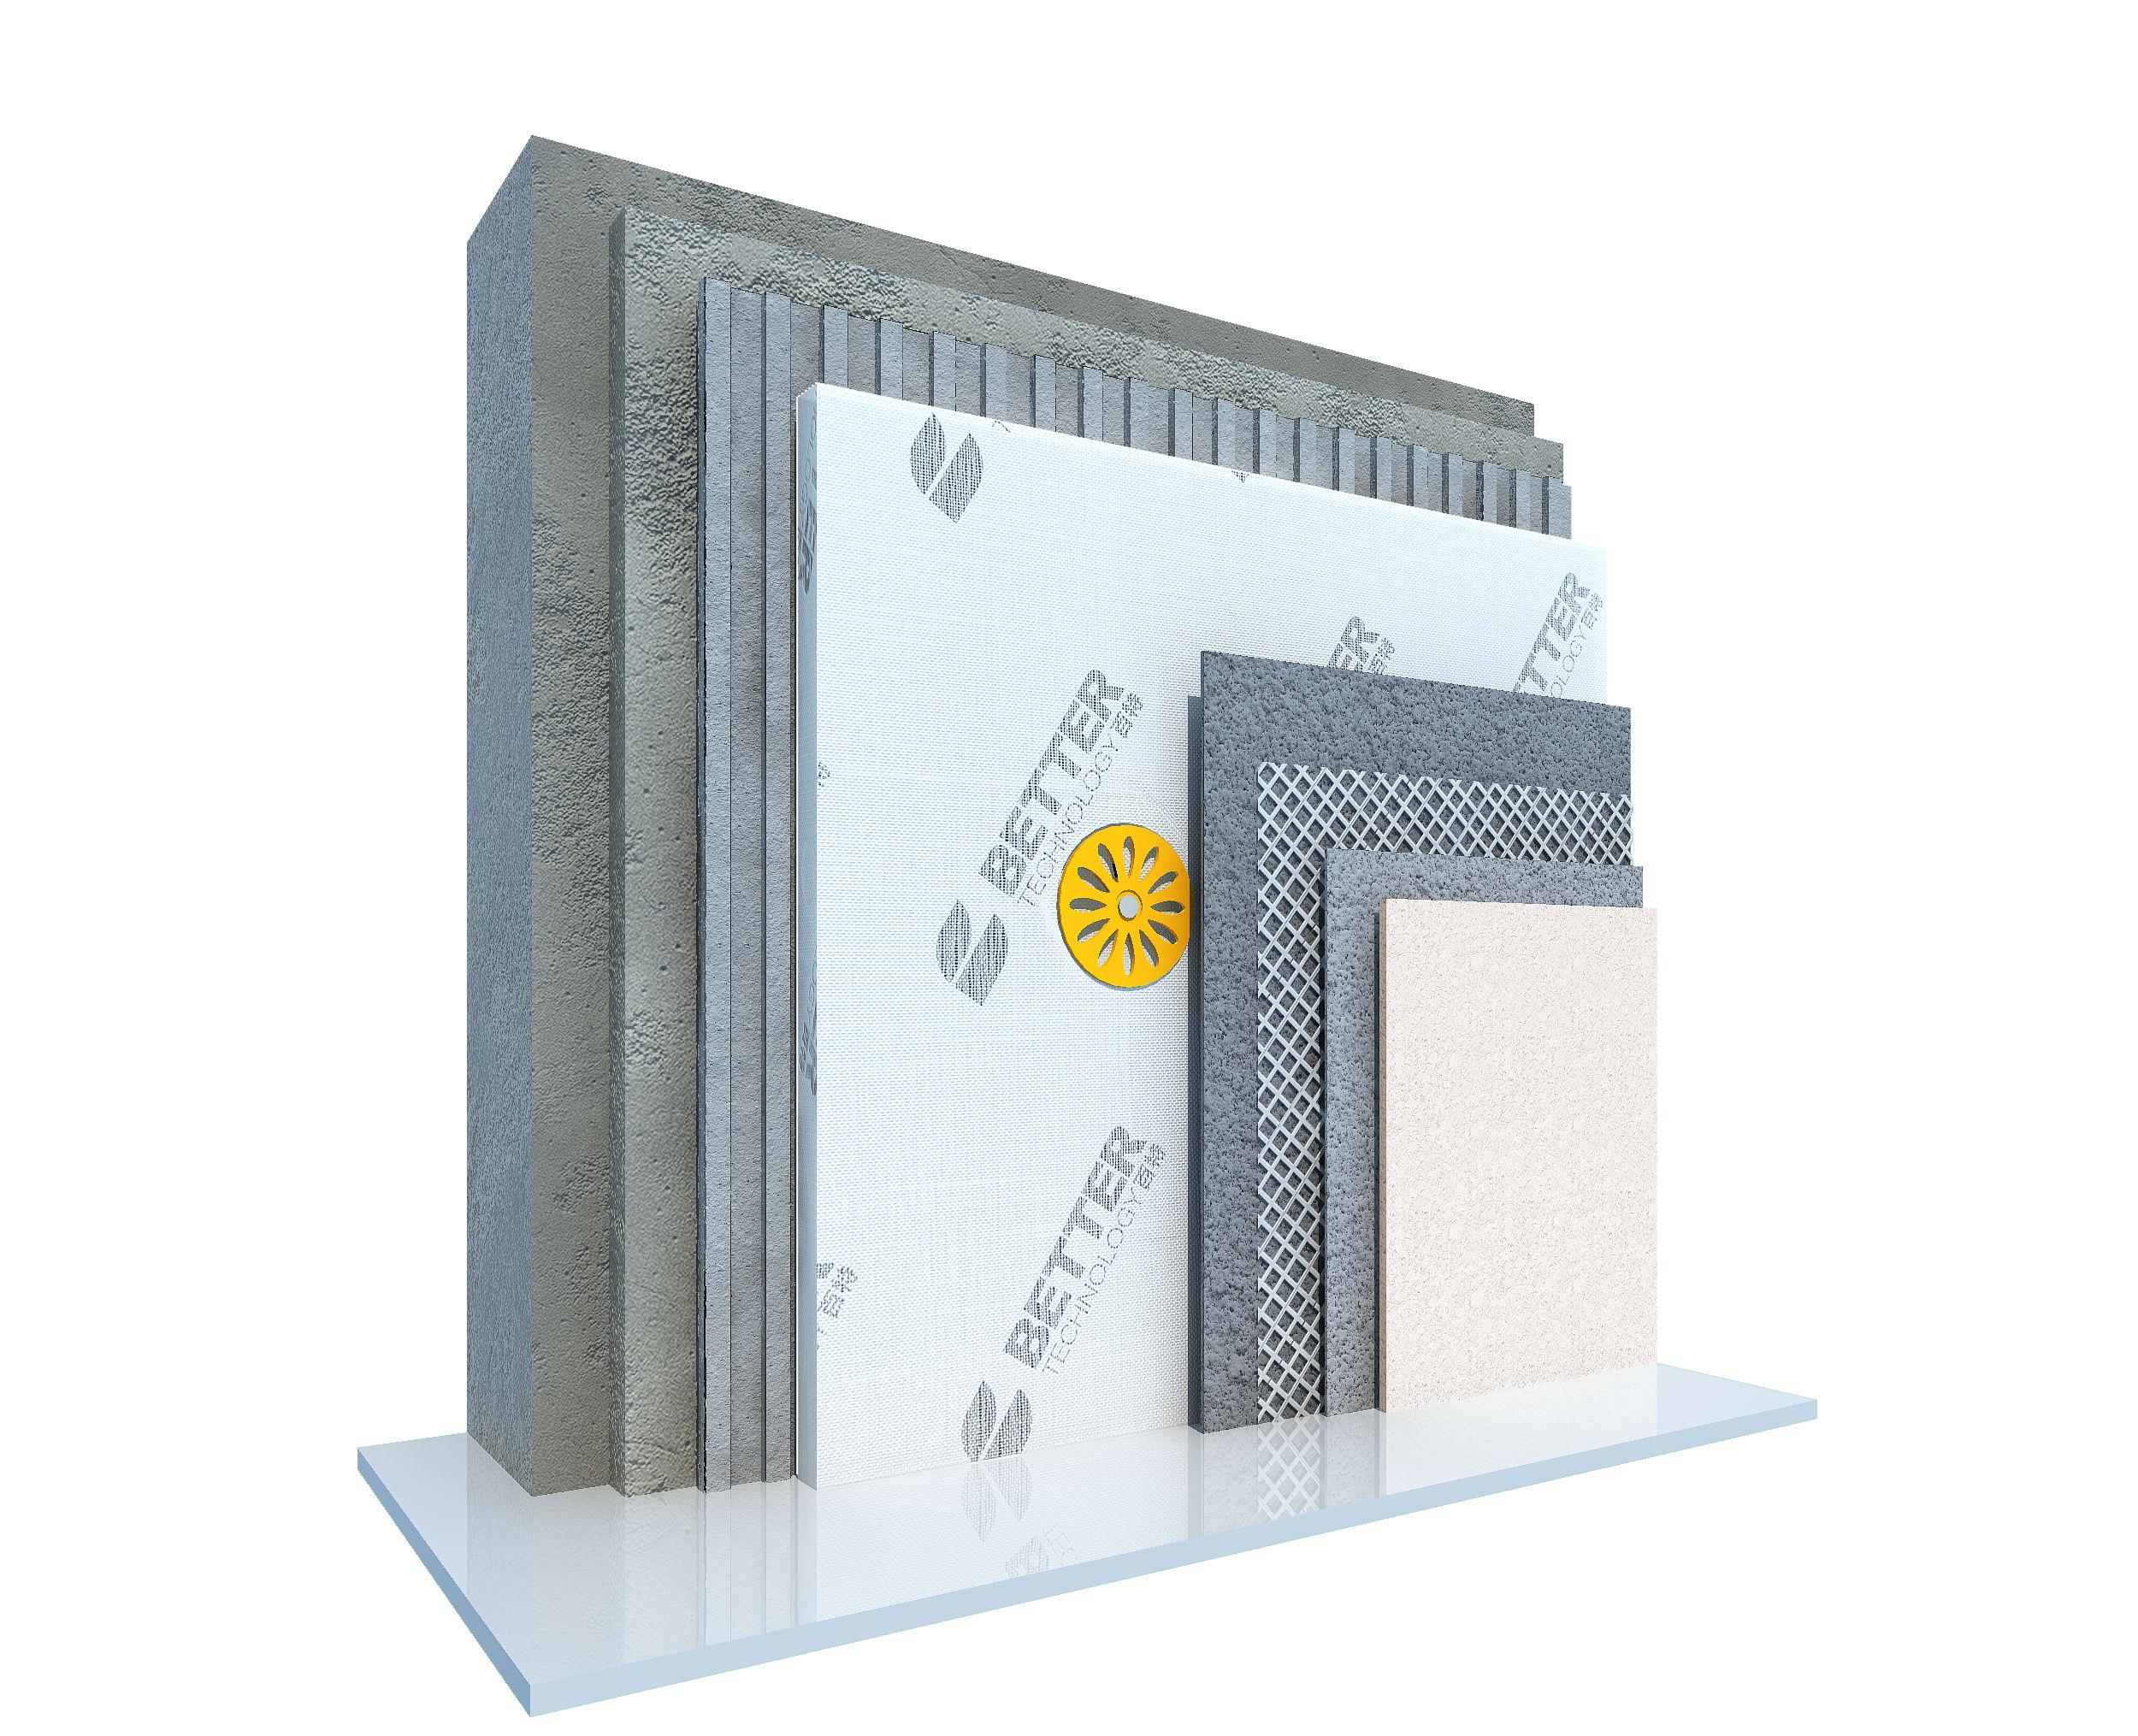 真空绝热板薄抹灰外墙外保温系统施工流程简介